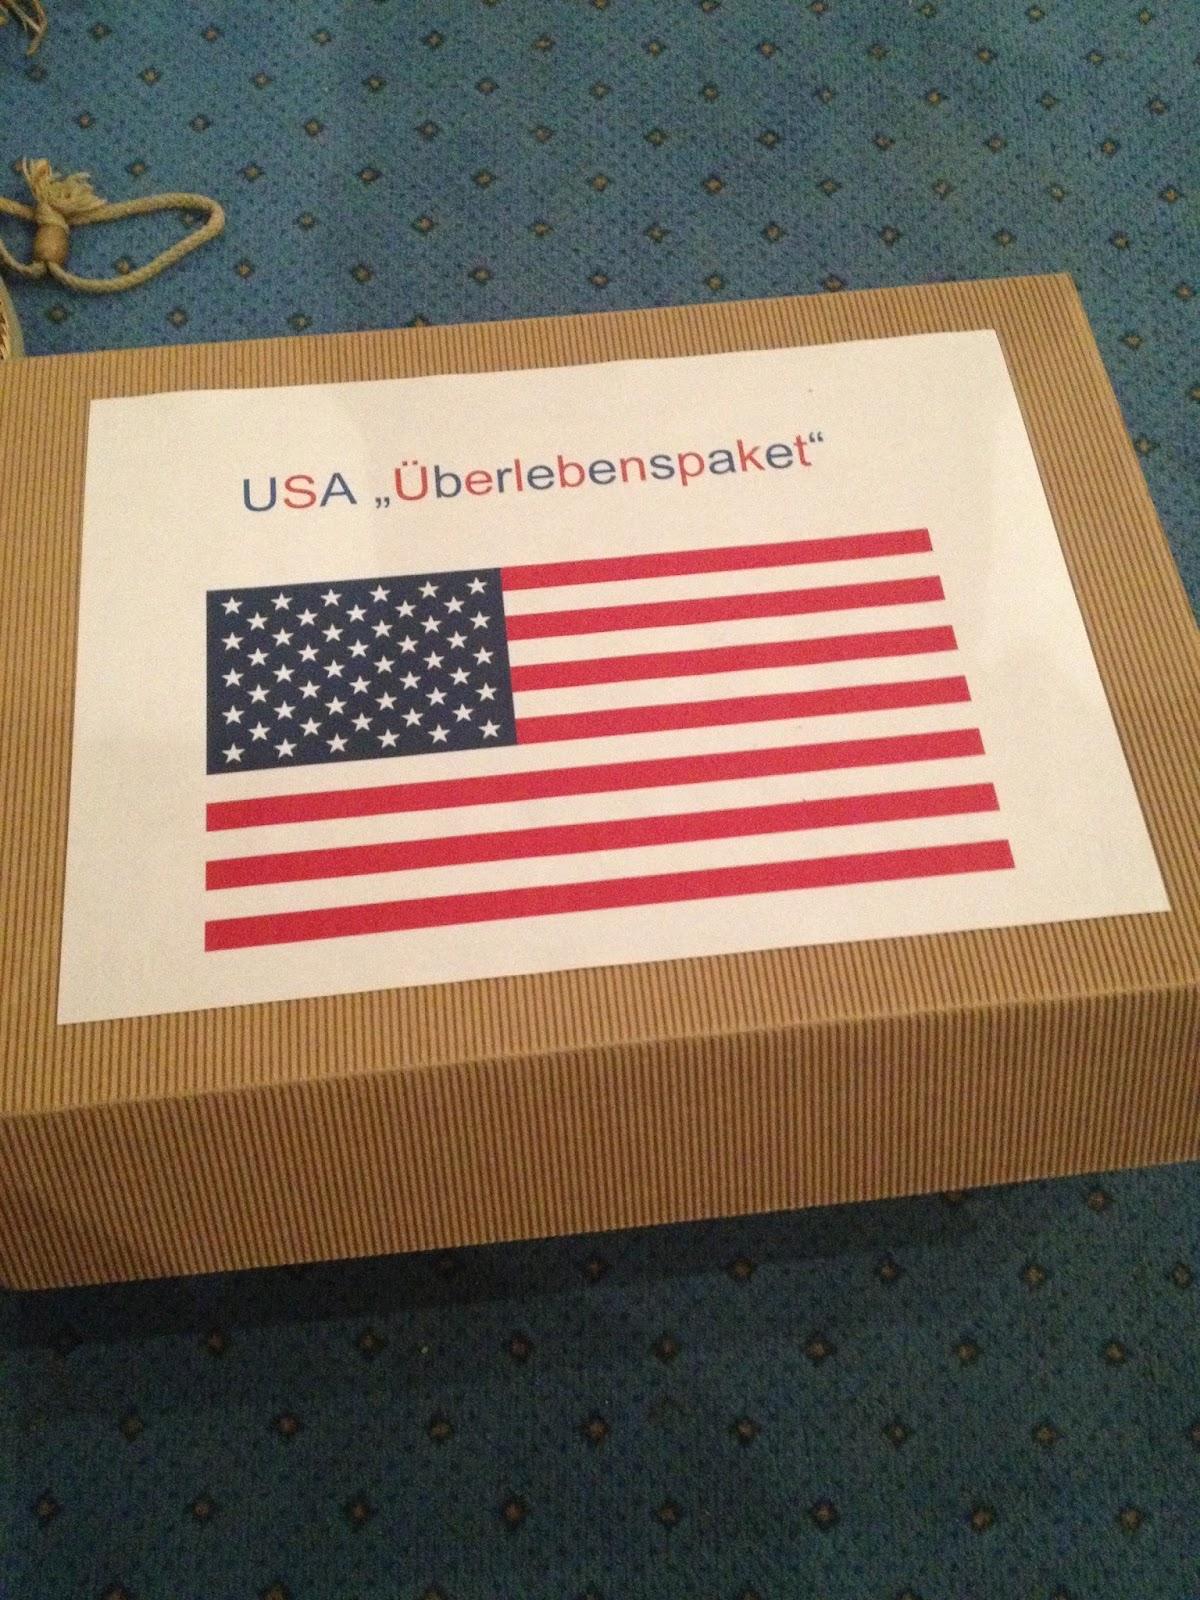 Usa 2013 14 ole 39 s auslandsjahr fotos for Geschenk auslandsjahr